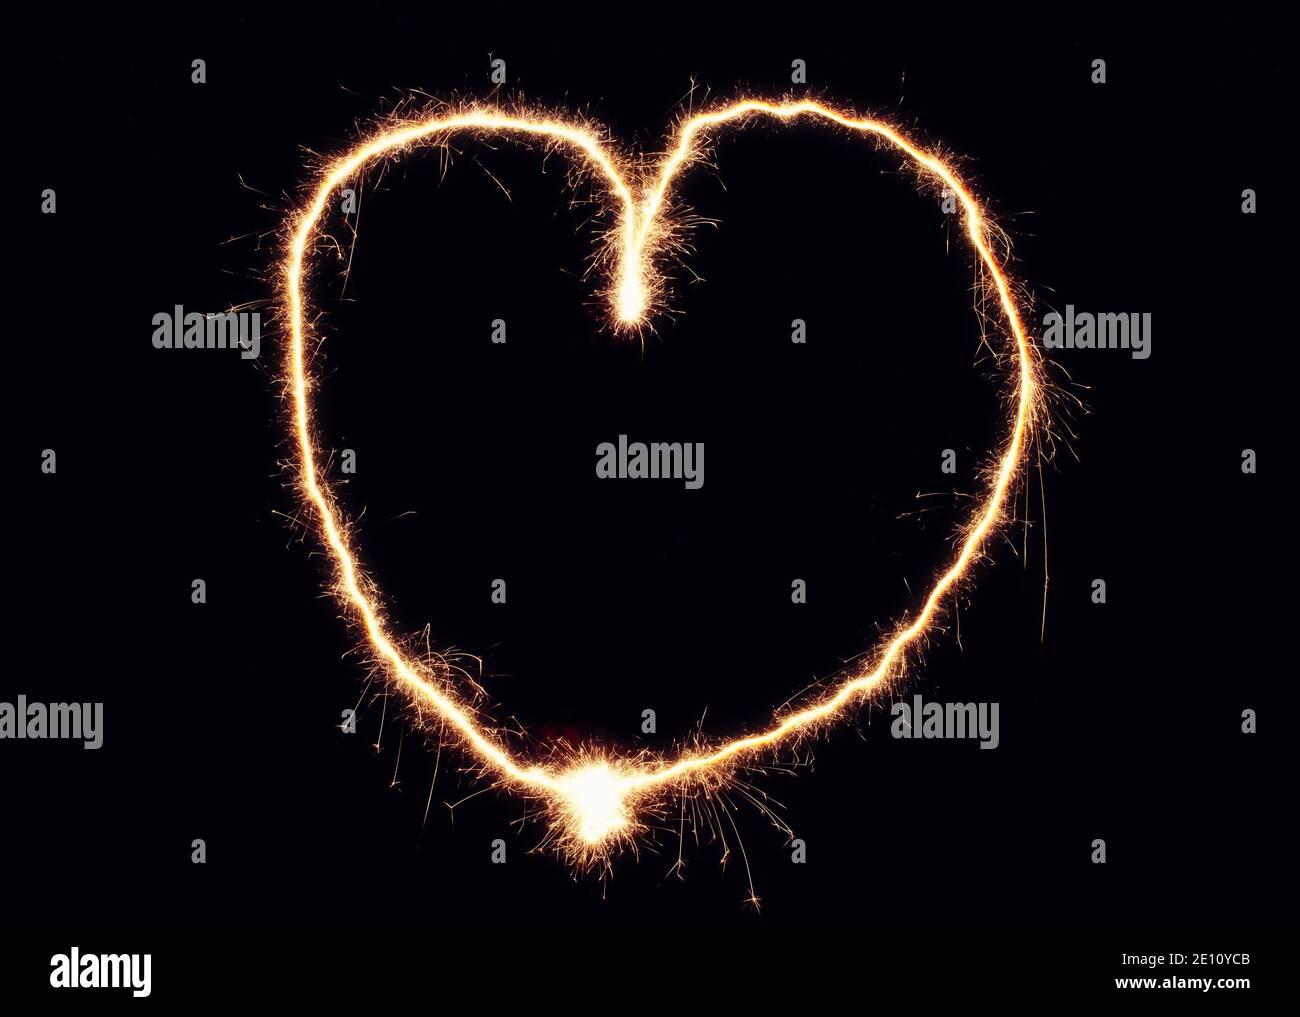 Cœur de Sparkler fait de feux d'artifice. Bon élément de design pour mariage romantique, la Saint-Valentin ou le concept d'amour Banque D'Images